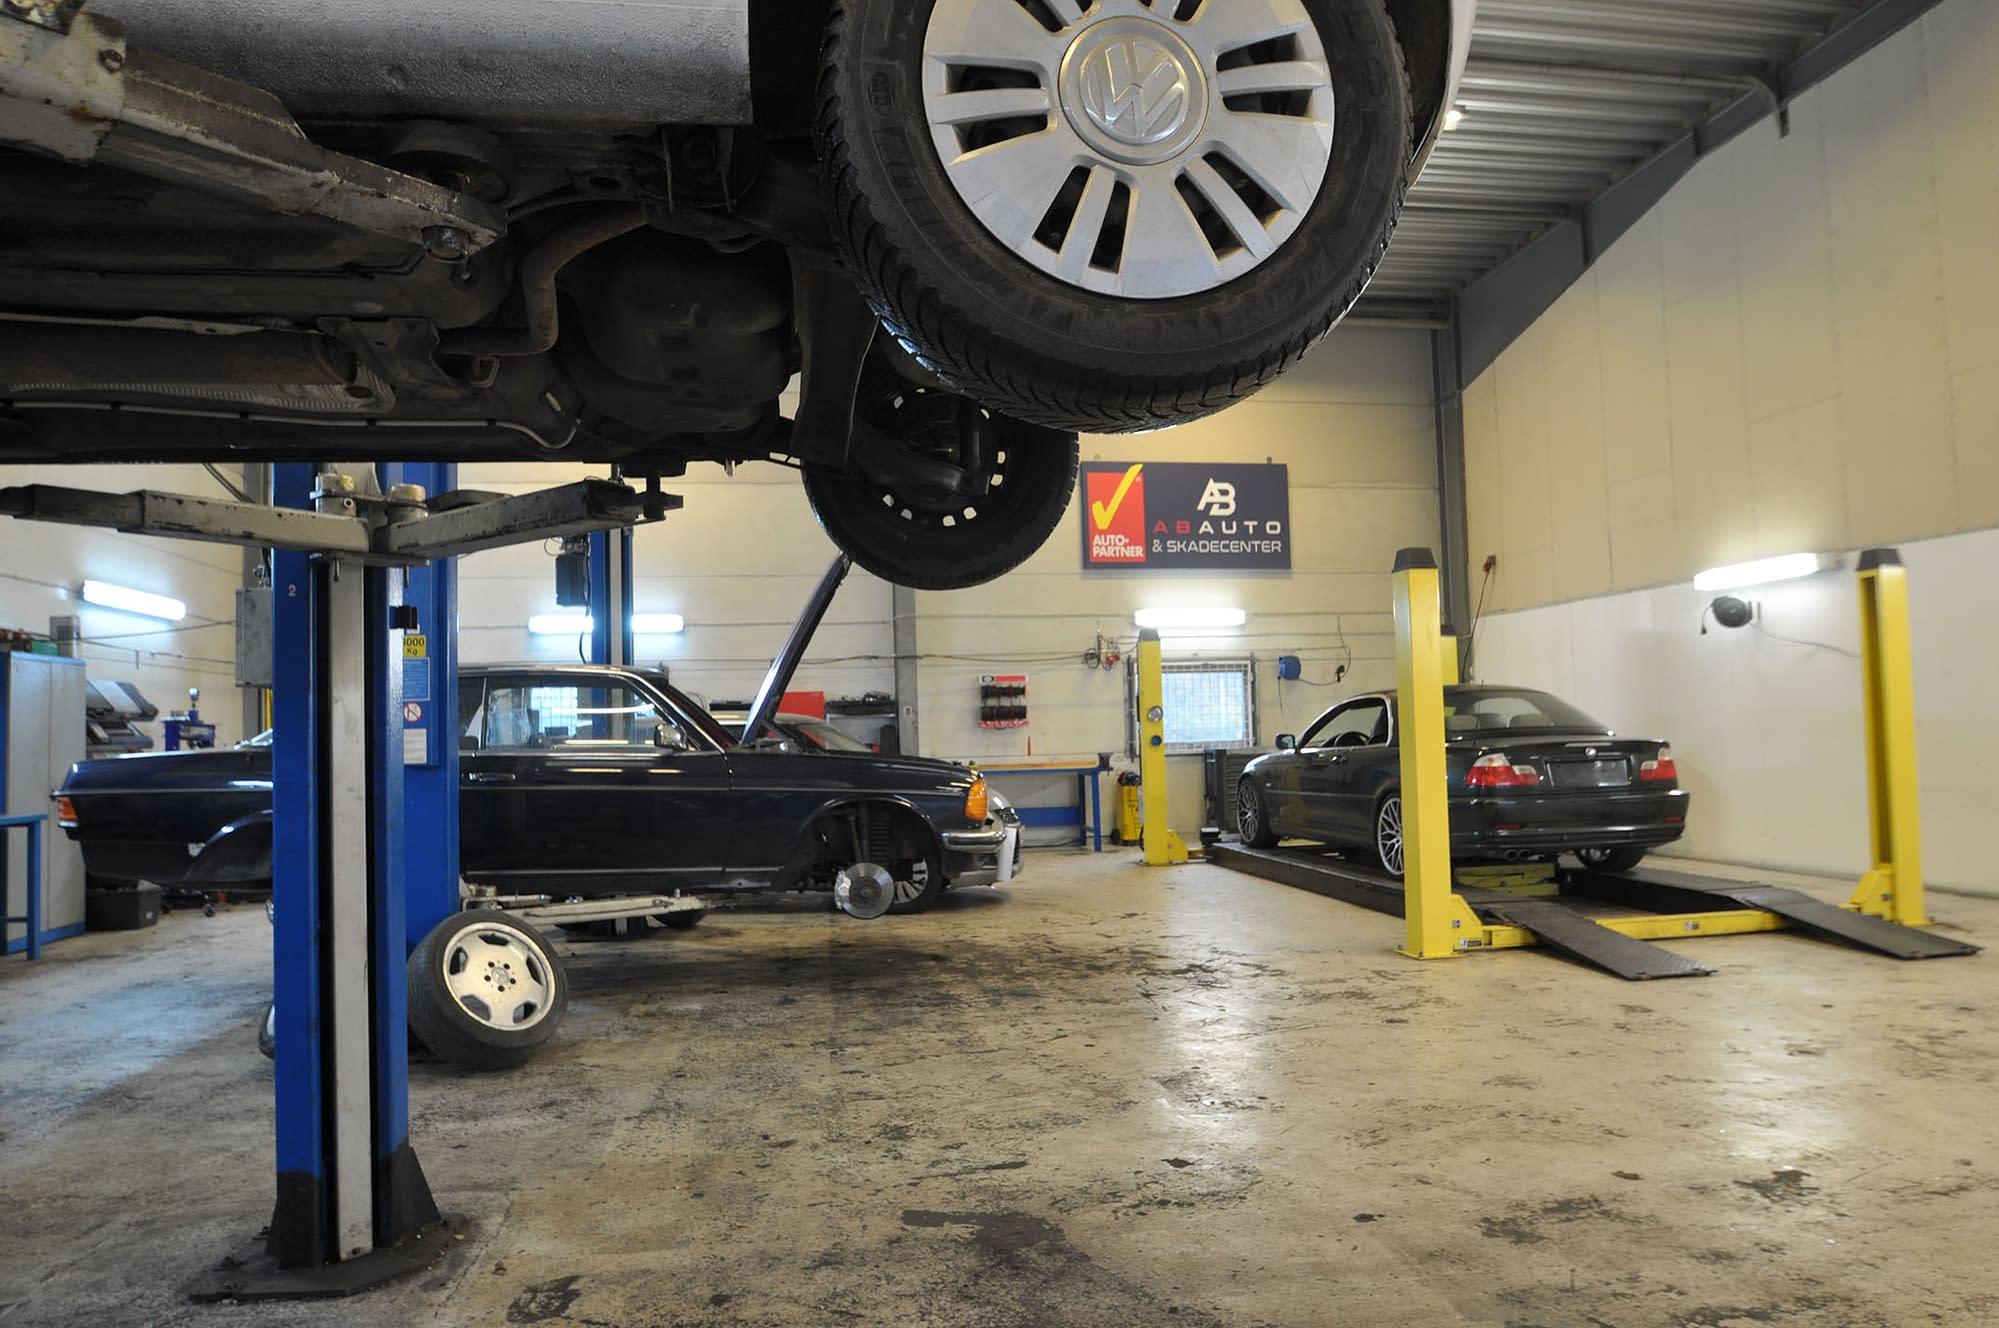 Autoværksted, Mekaniker, bilmekaniker, autocenter københavn, autocenter, skadecenter, reparation af biler, olieskift, skift af dæk